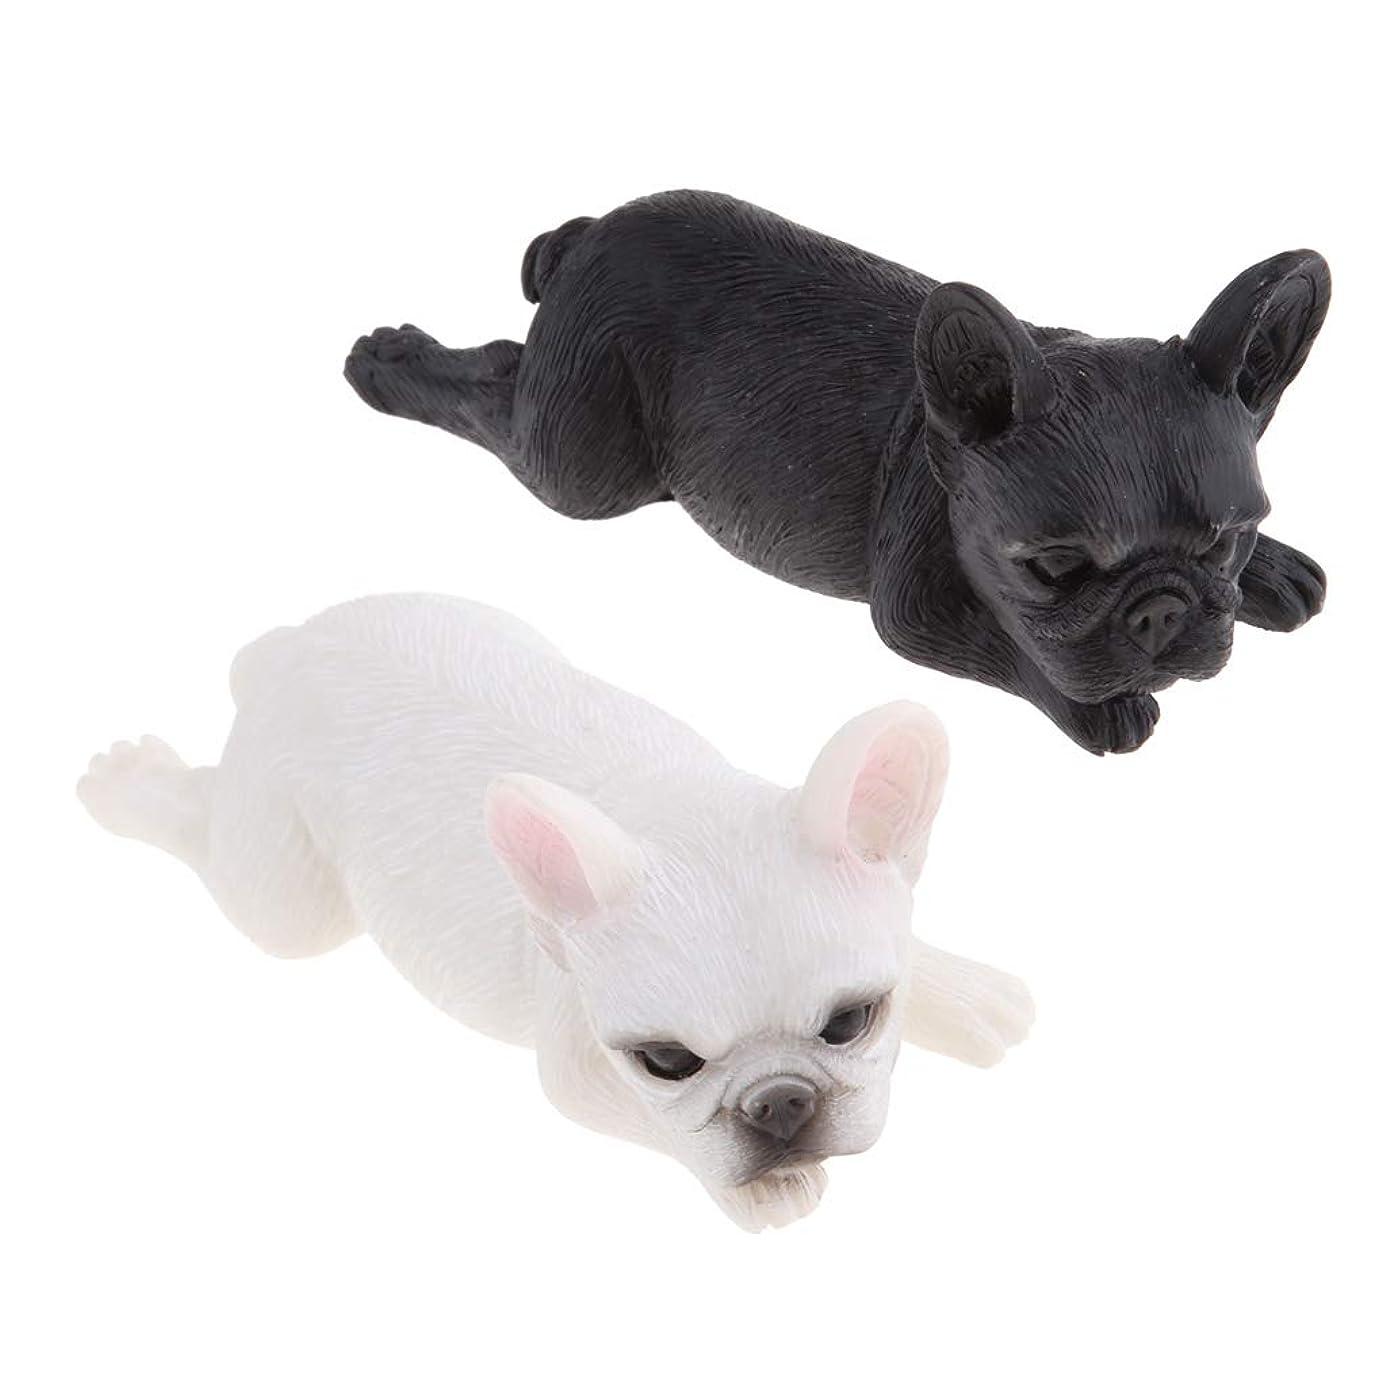 発見形状課税2ピース フレンチブル犬 ドッグモデル 動物 生き生き 置物像 子供 おもちゃ